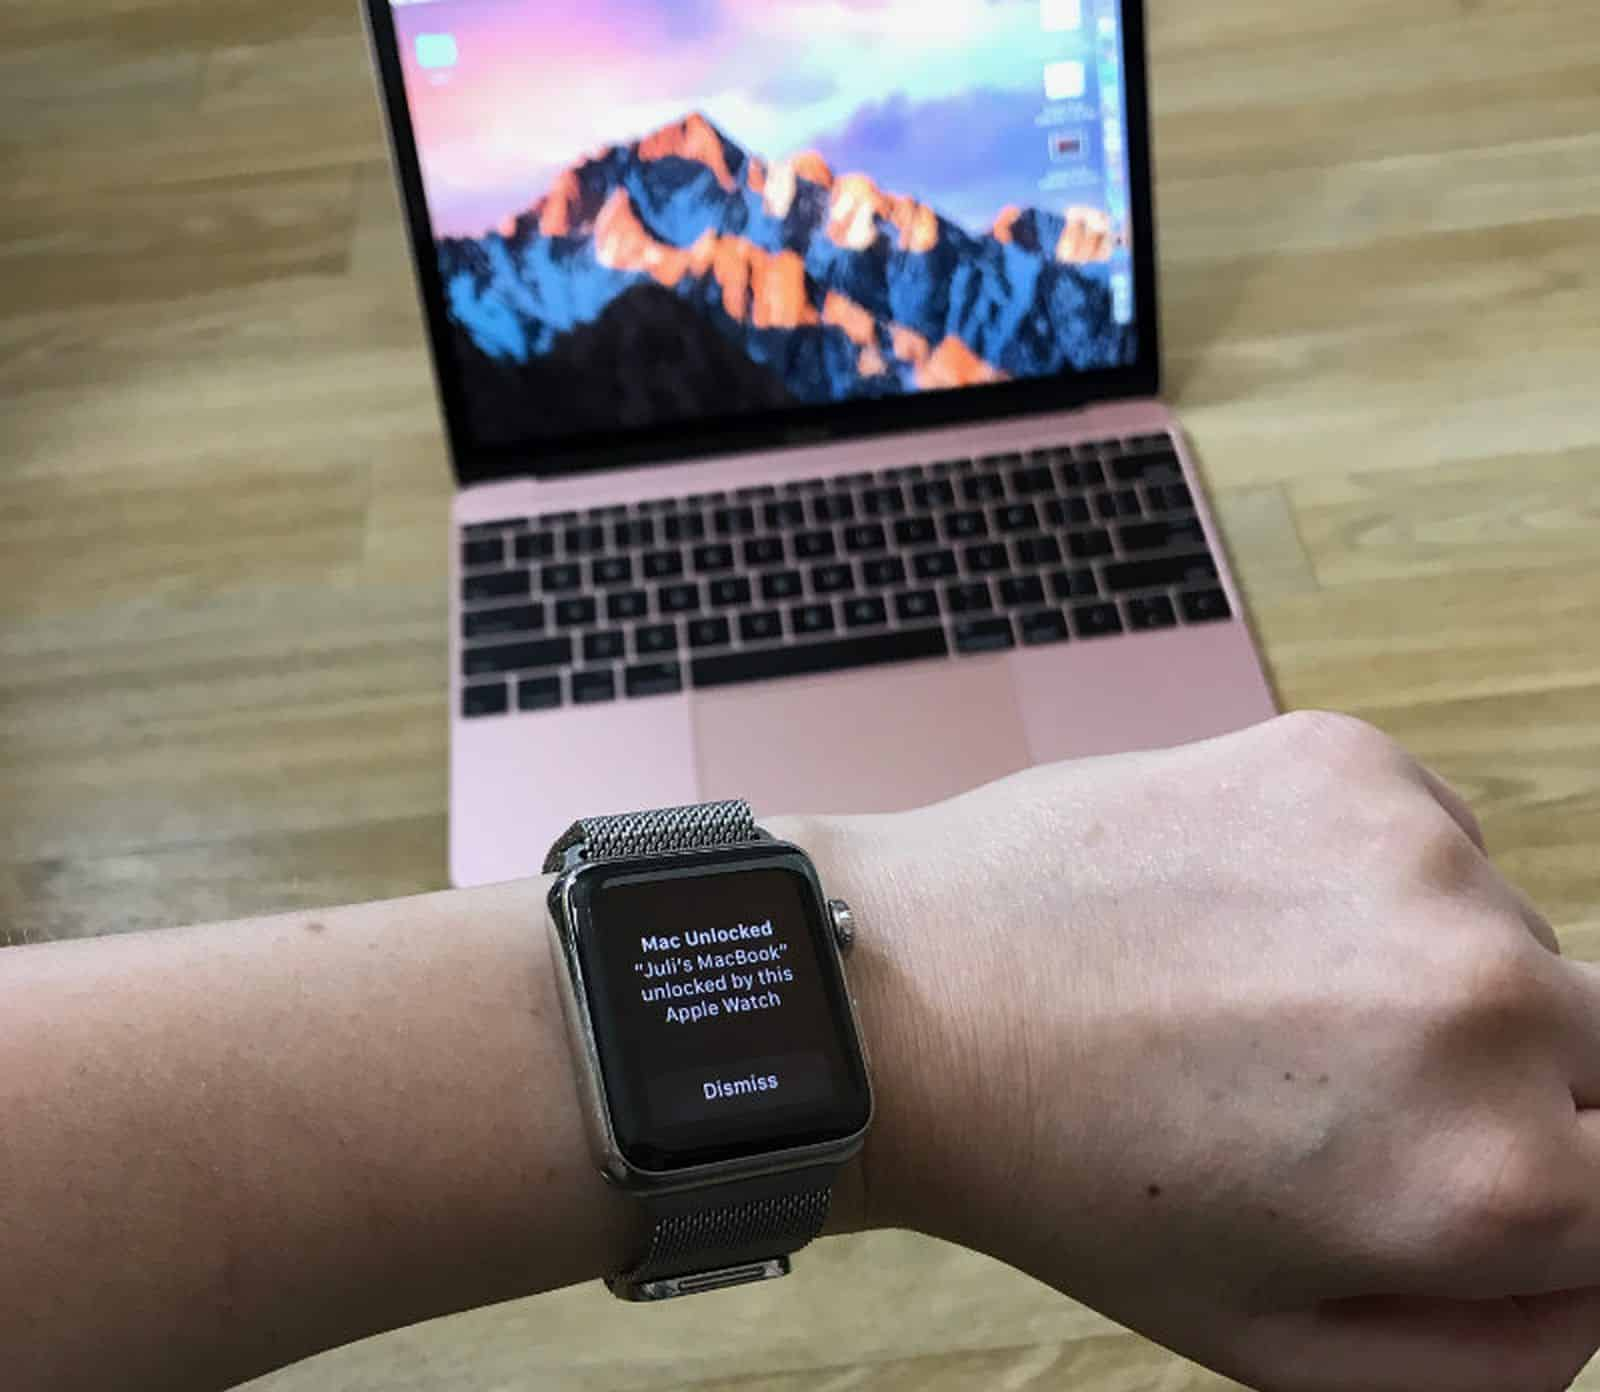 Apple Watch unlocks Mac